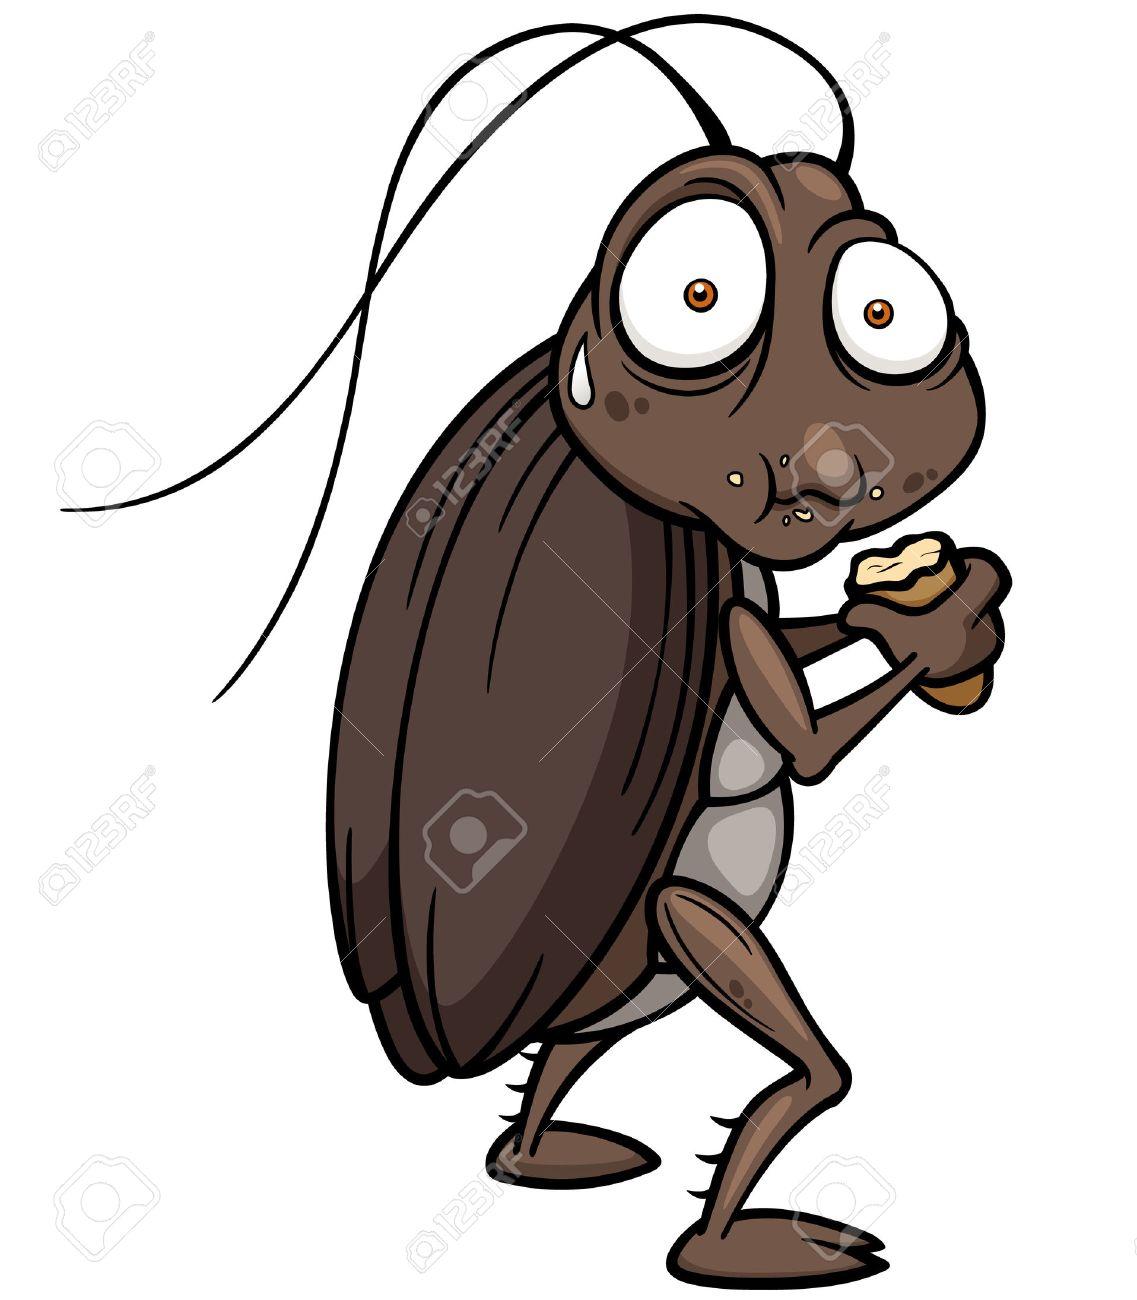 ベクトル イラスト漫画ゴキブリを食べるののイラスト素材ベクタ